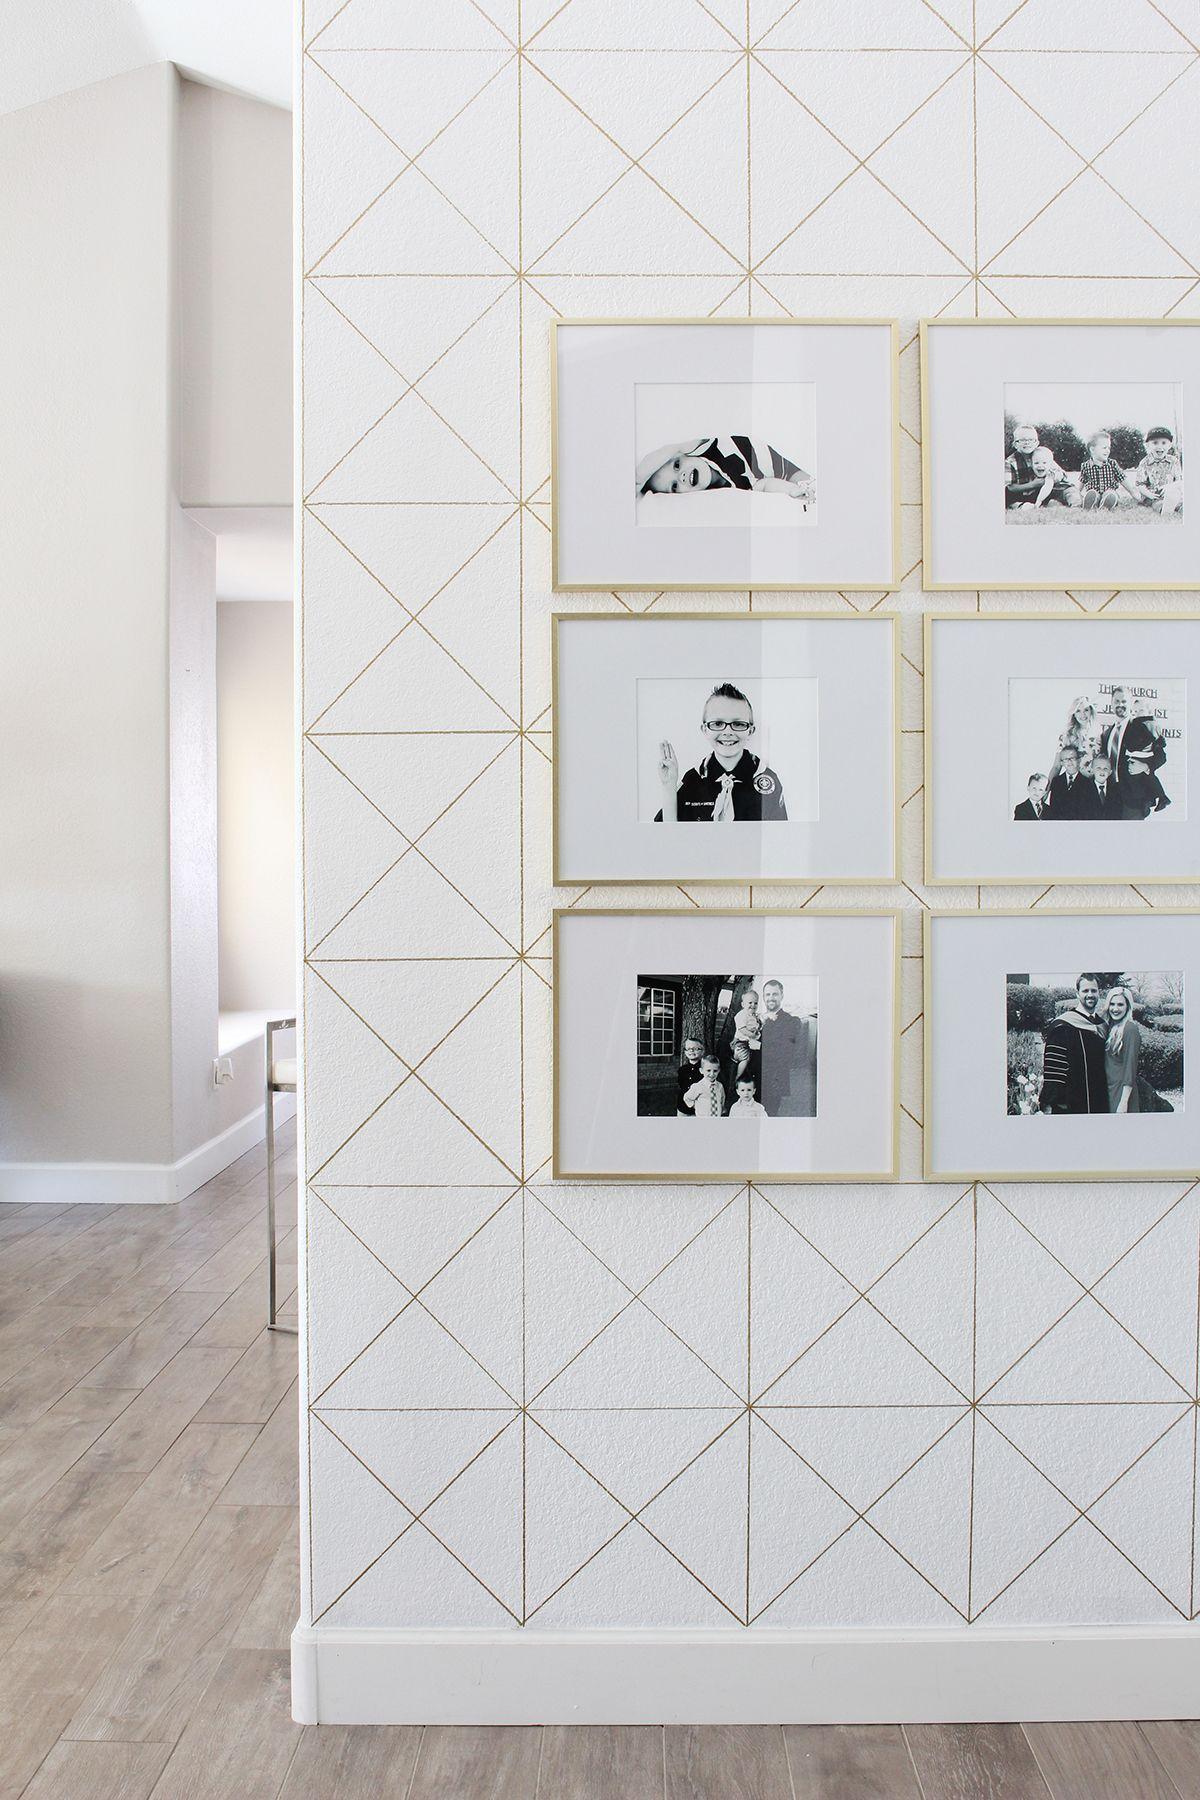 Wunderbar Bettrahmenteile Home Depot Galerie - Benutzerdefinierte ...